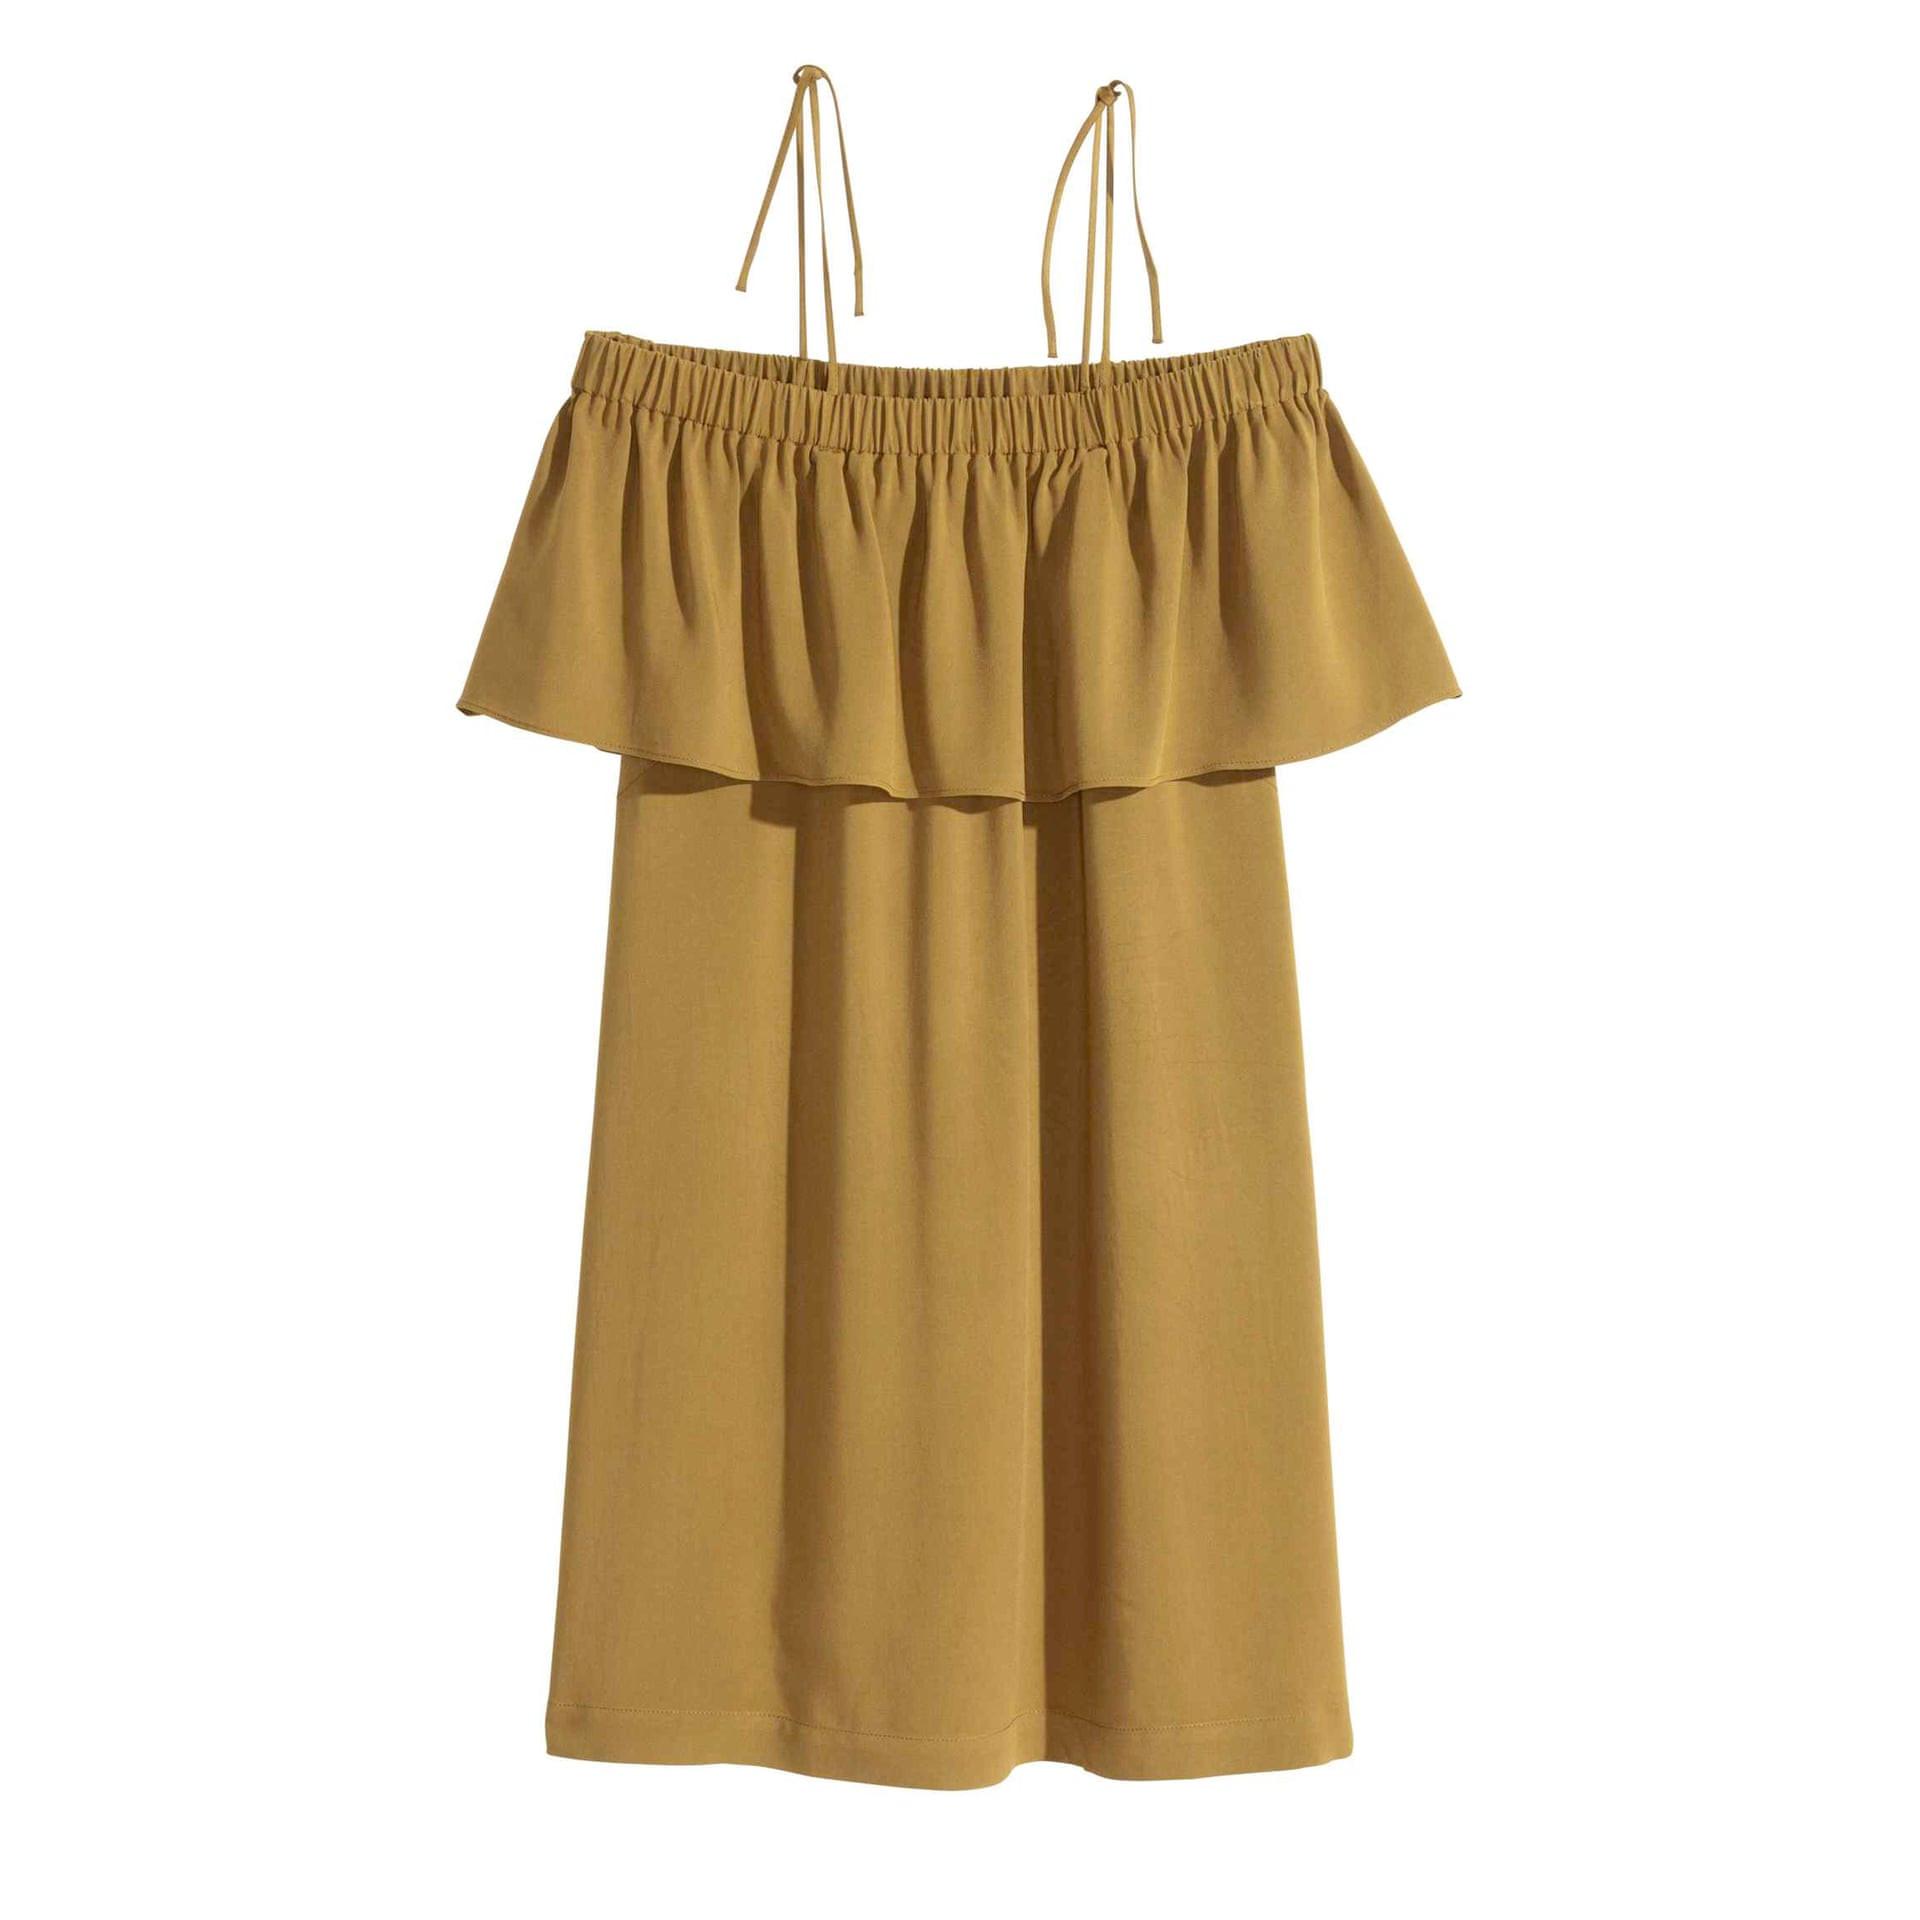 موضة الفساتين الصيفية-فساتين هاف شولدر